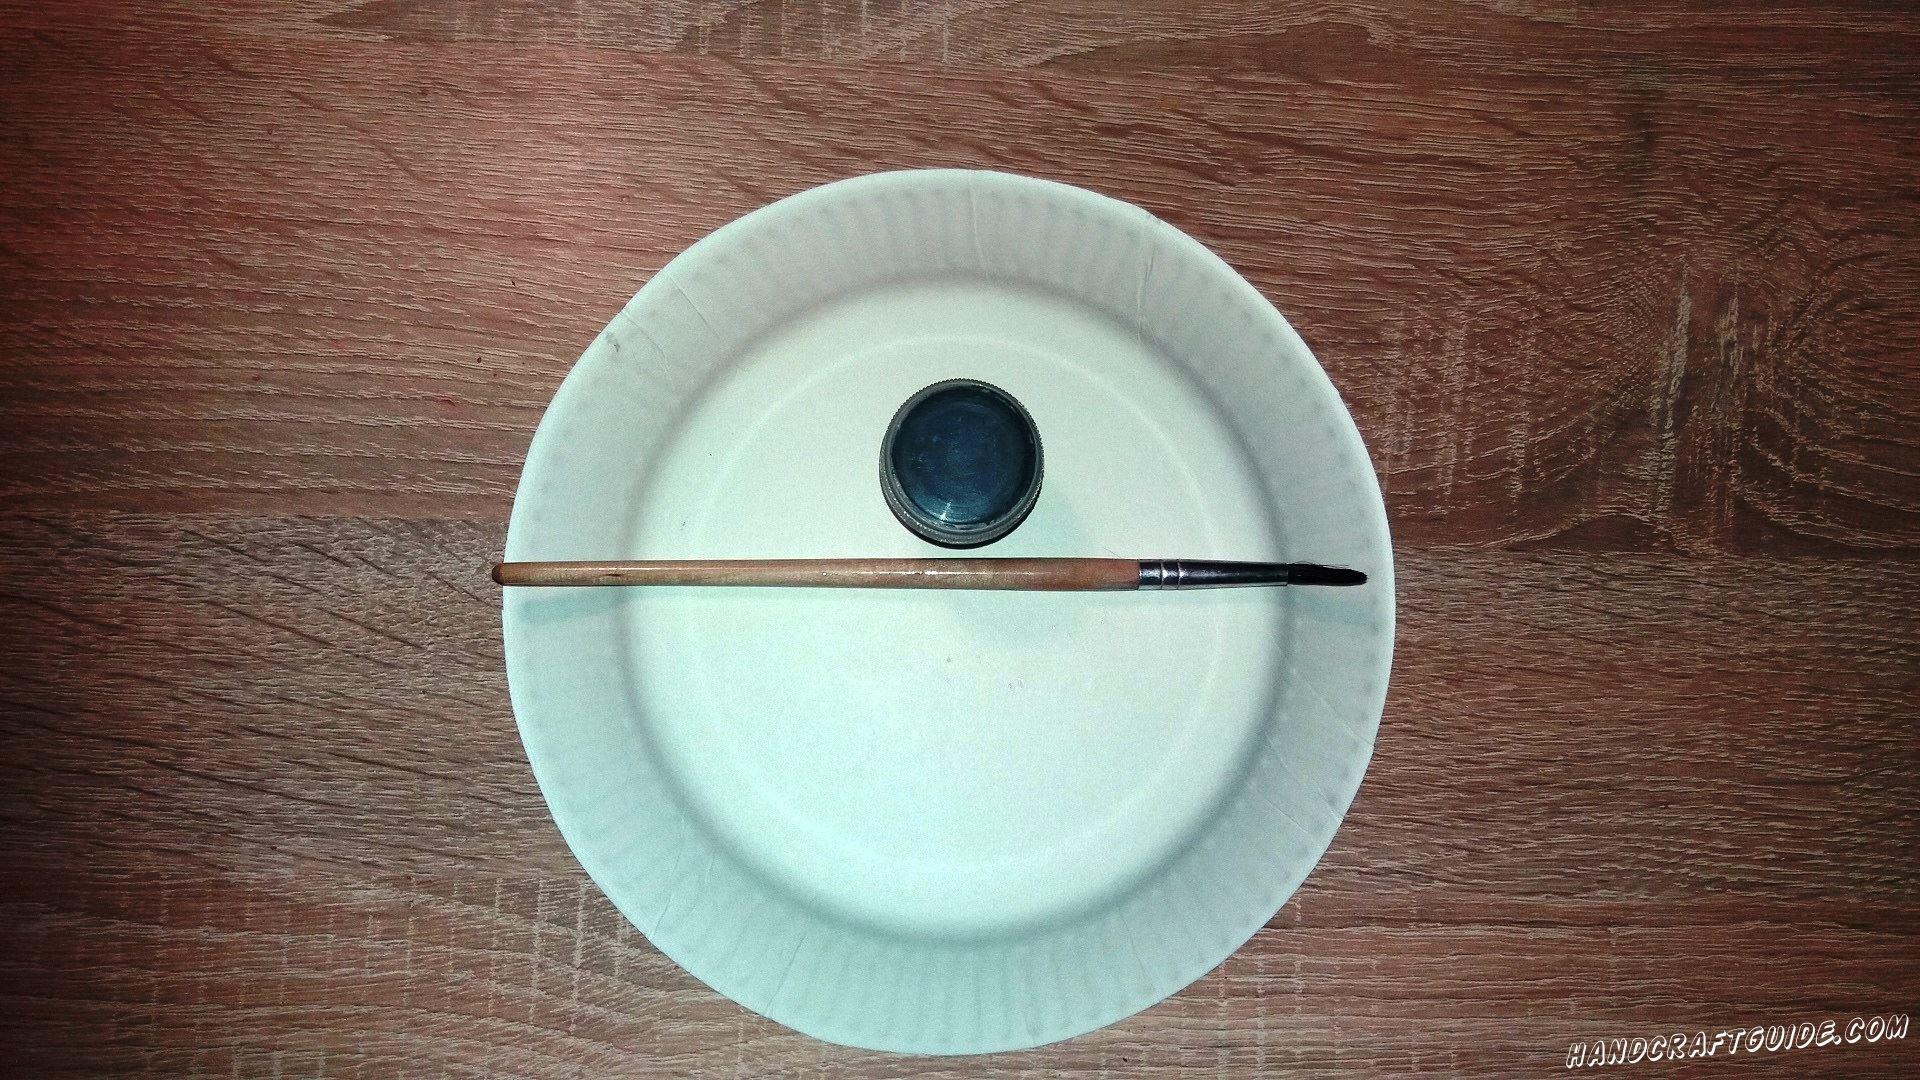 На белой тарелочке мы рисуем 2 пятнышка черного цвета, они должны находиться рядышком. Это пятнышки под глазками панды